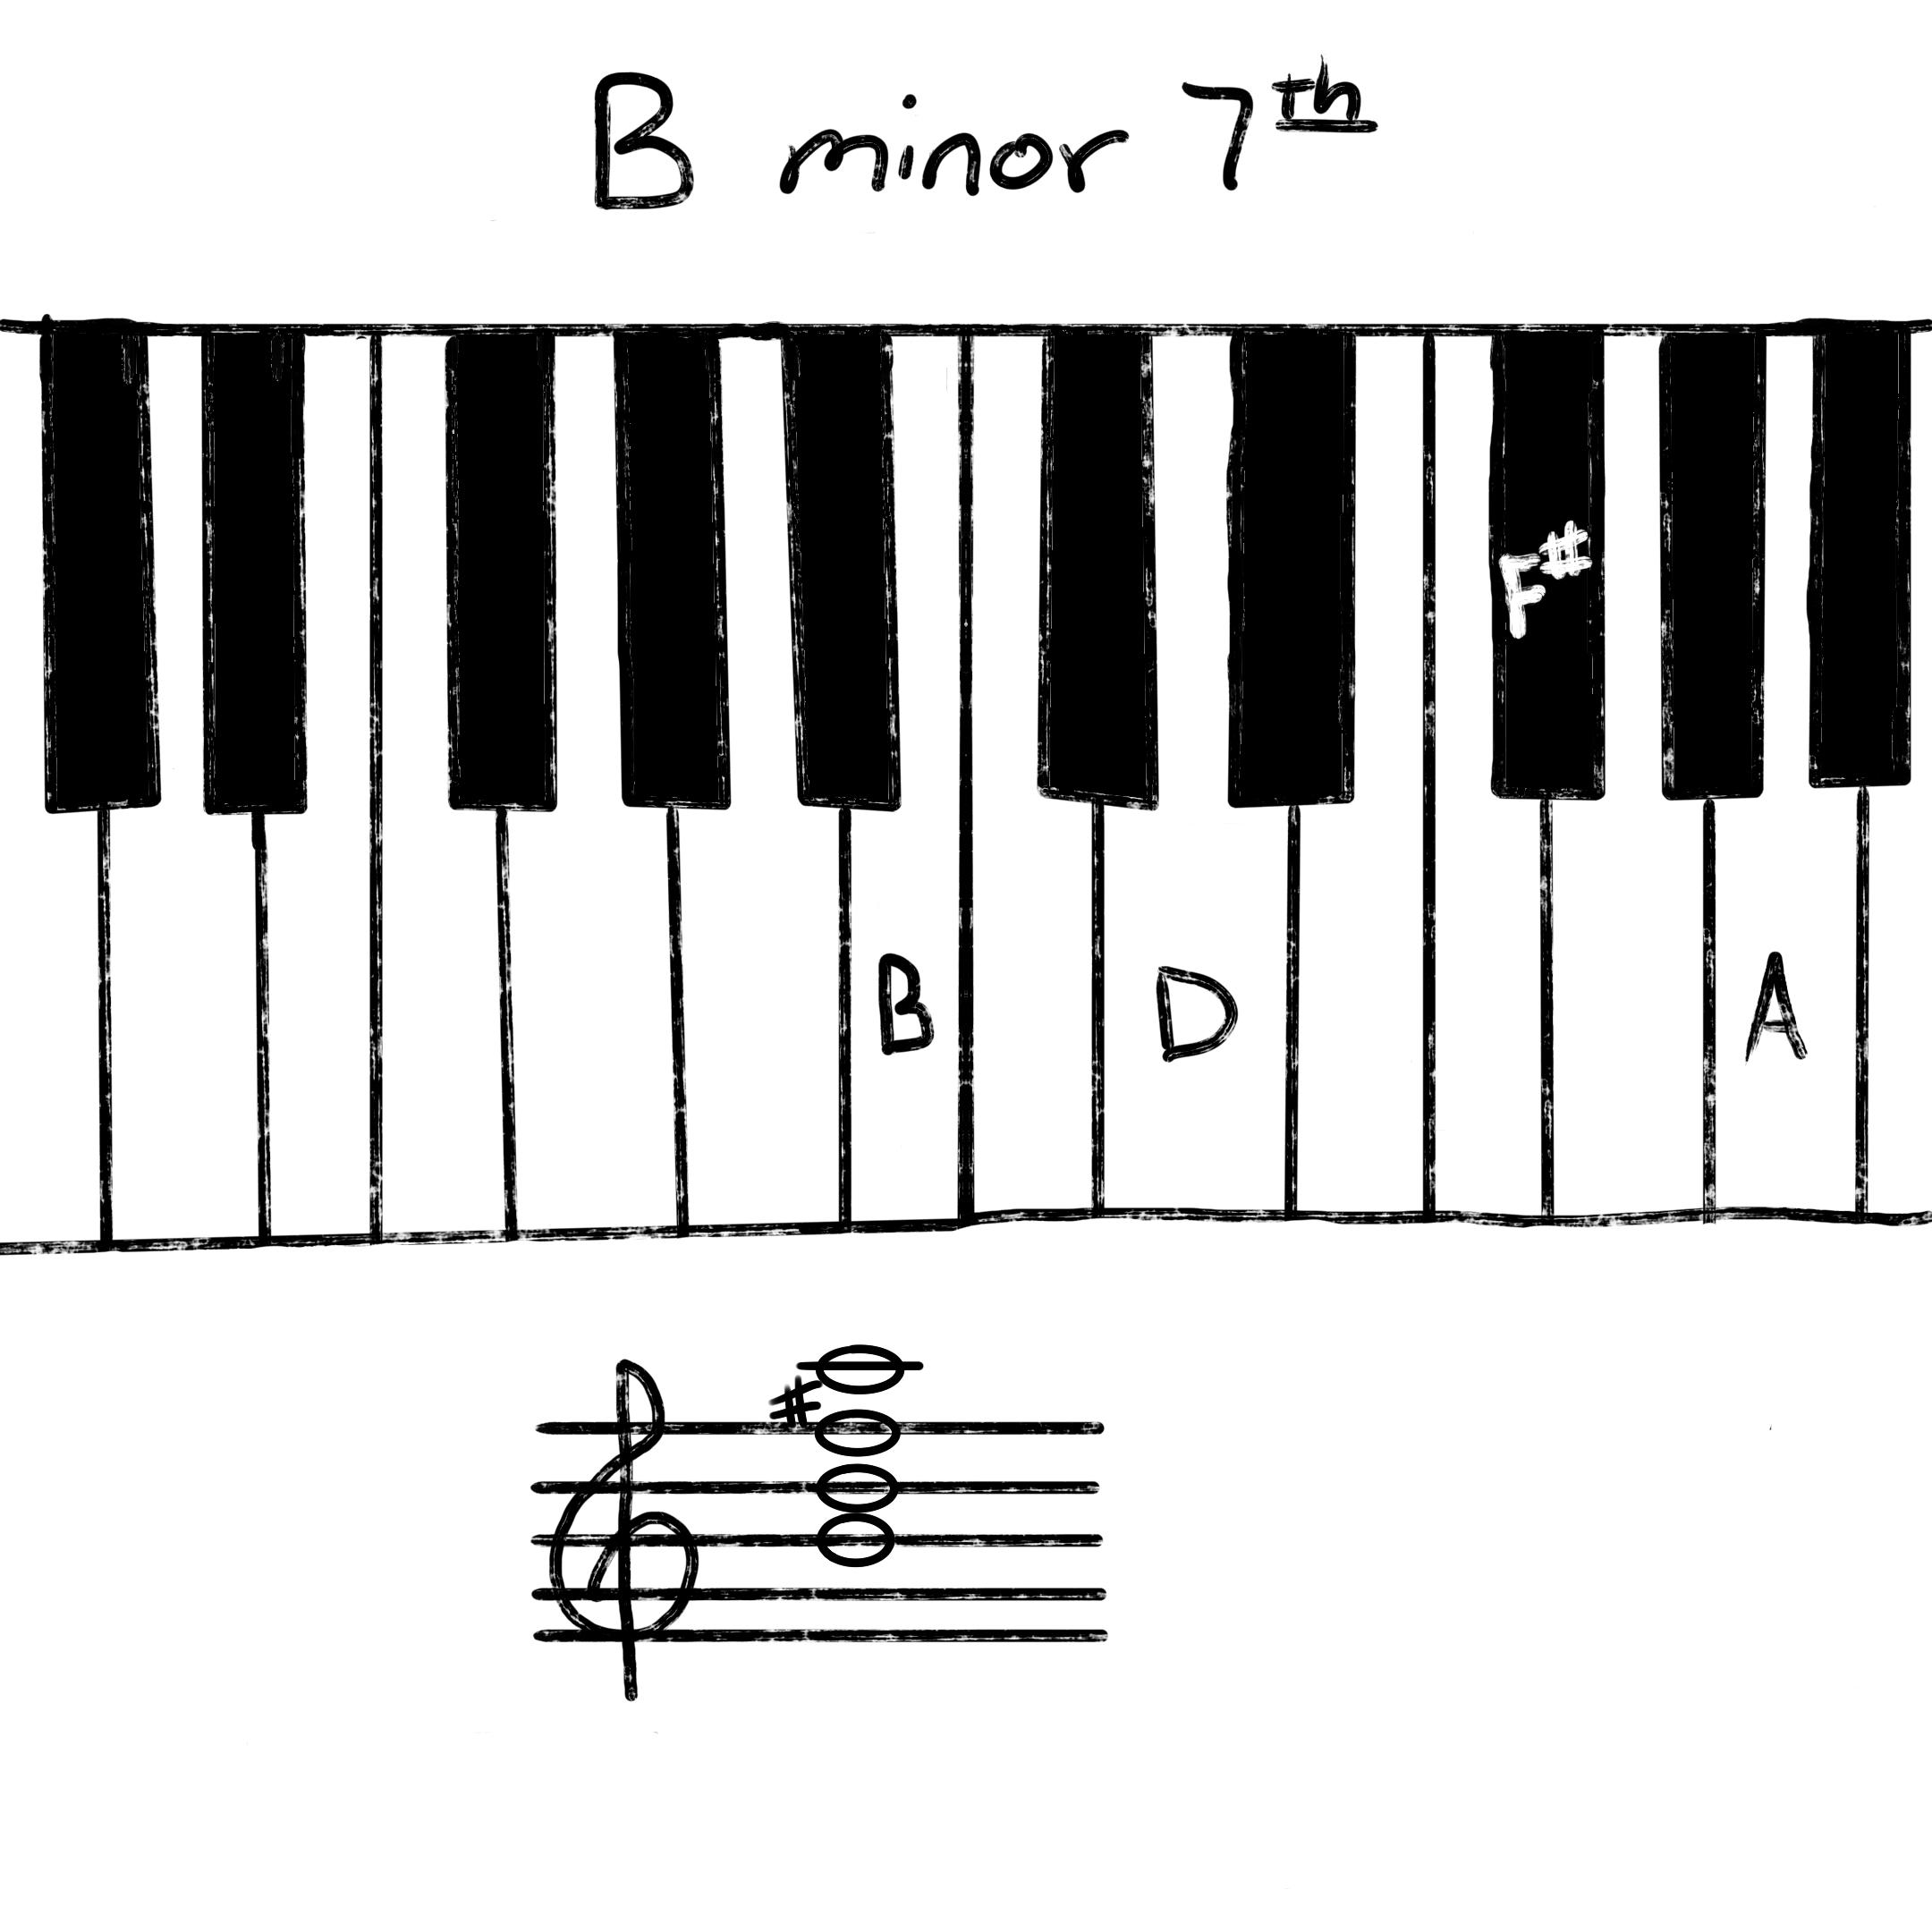 Bm 7th